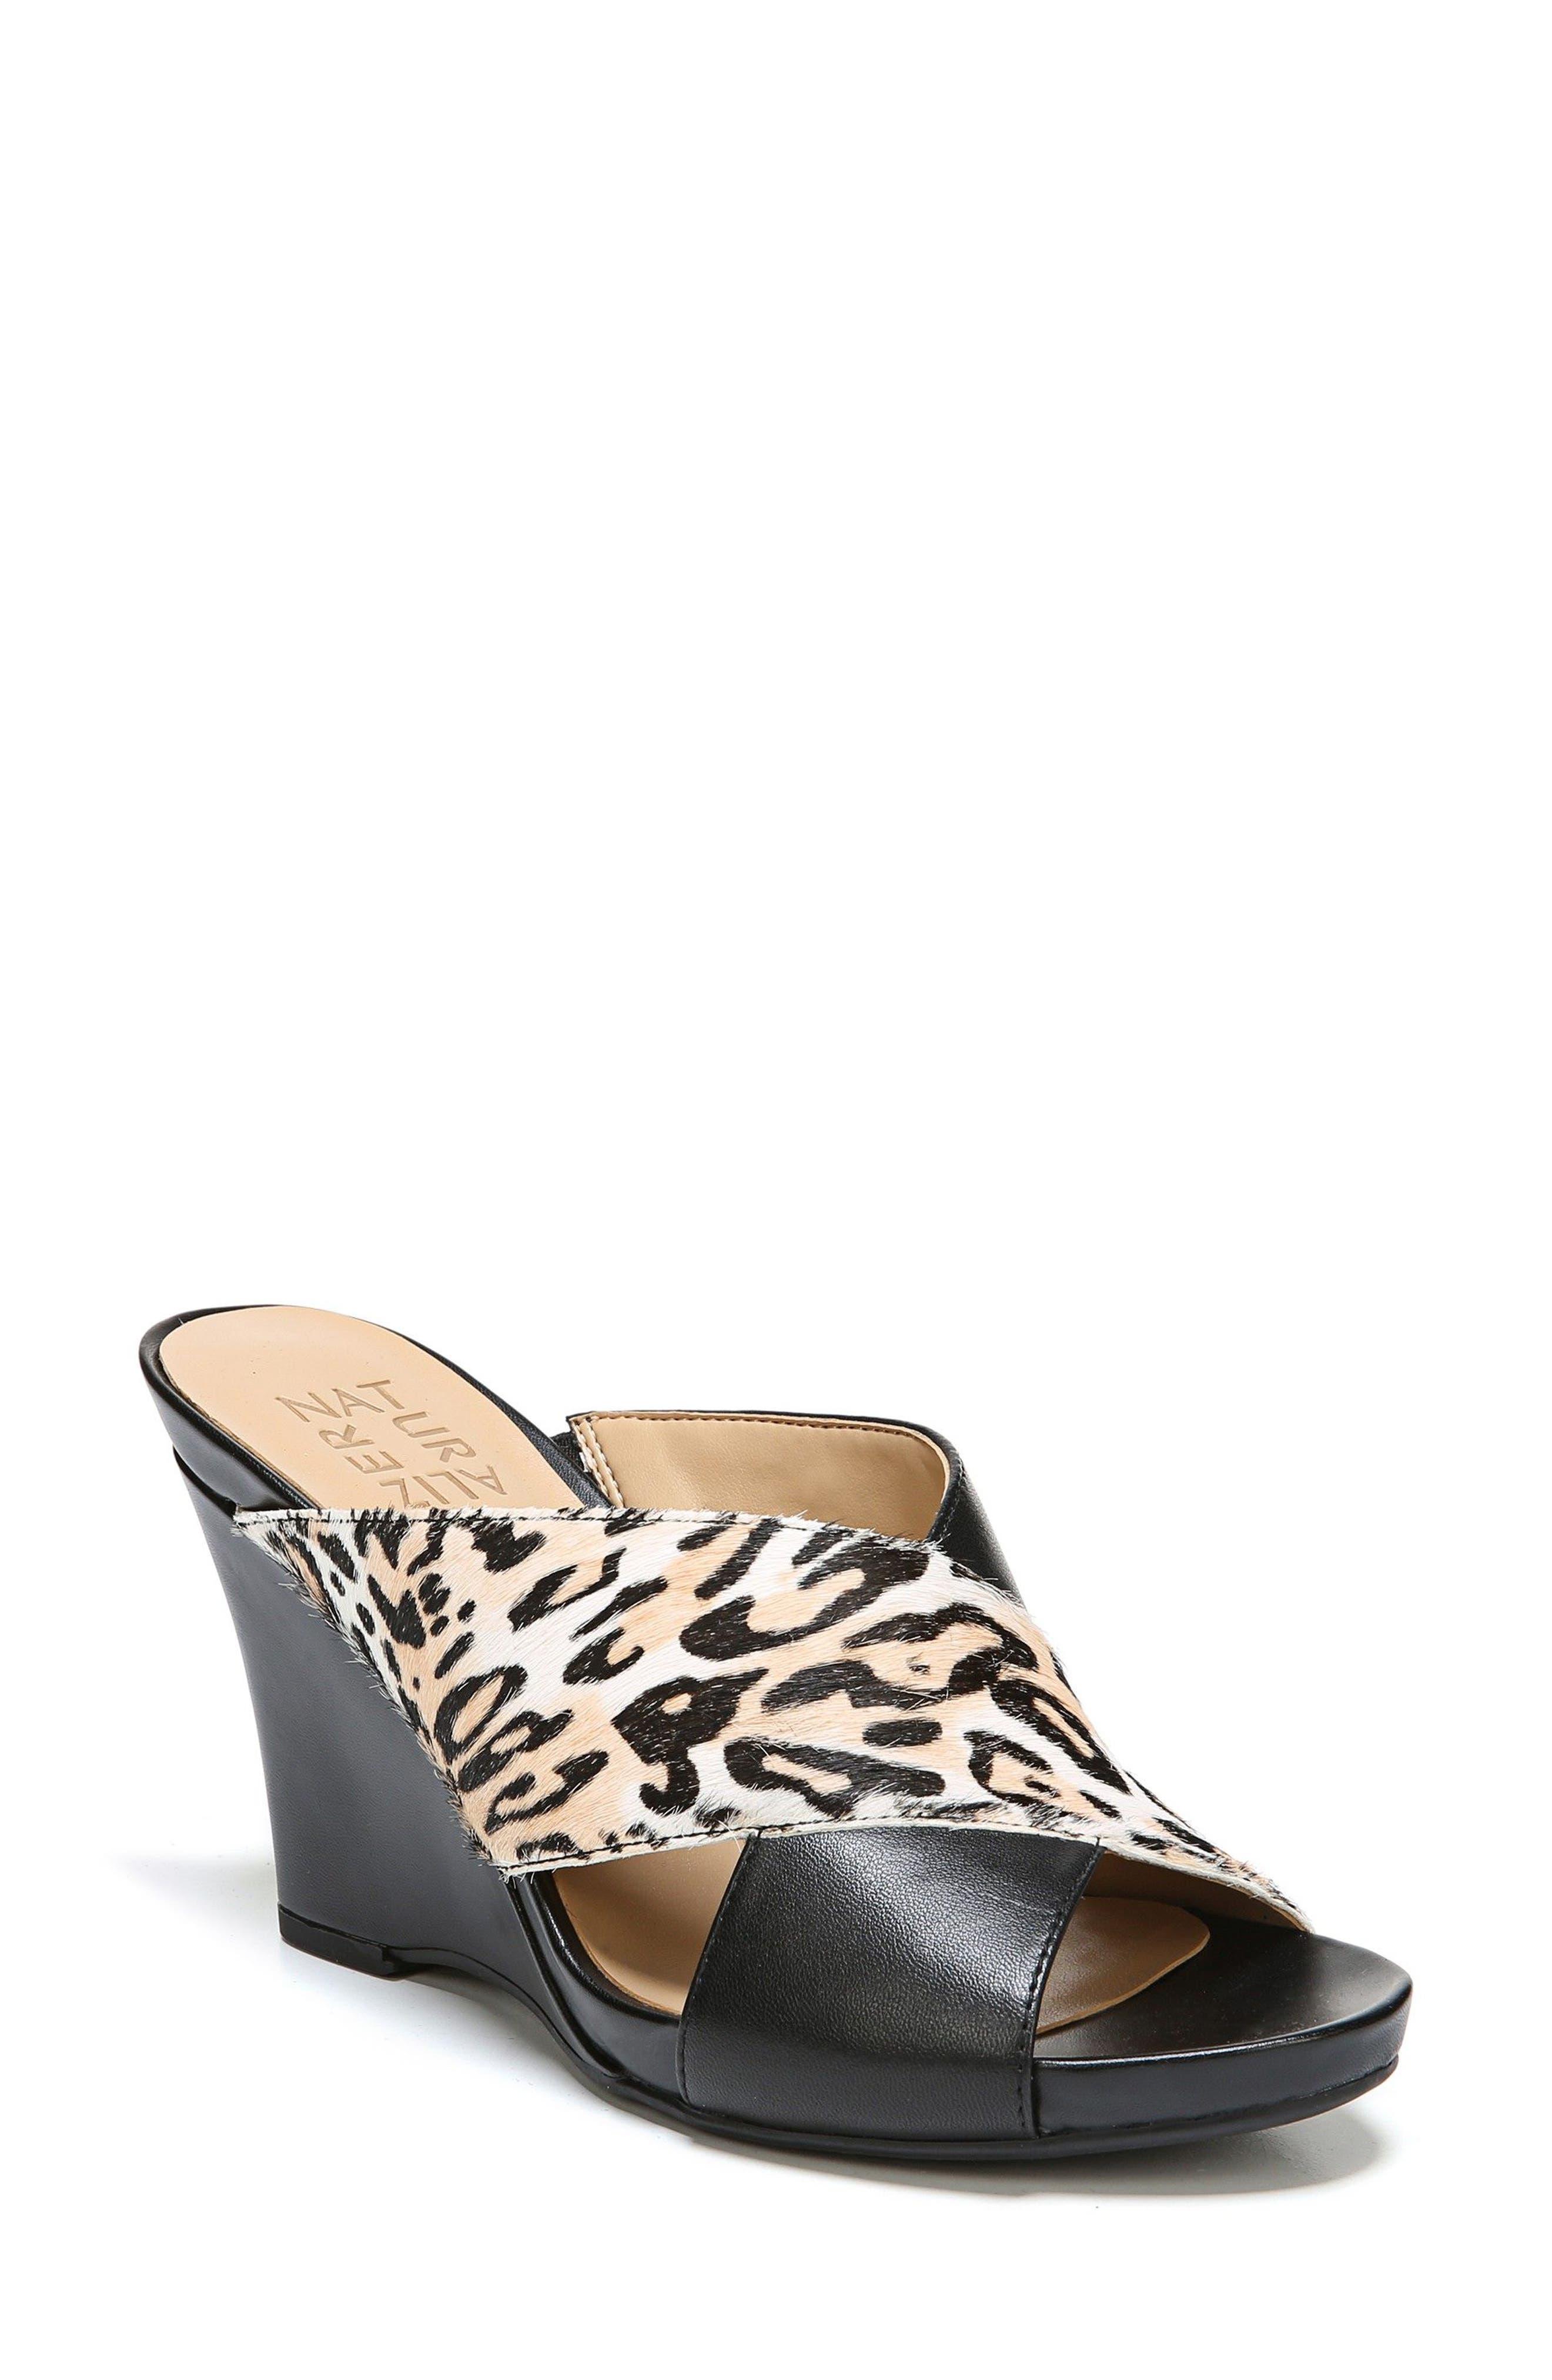 Bianca Wedge Mule,                             Main thumbnail 1, color,                             Black Cheetah Leather